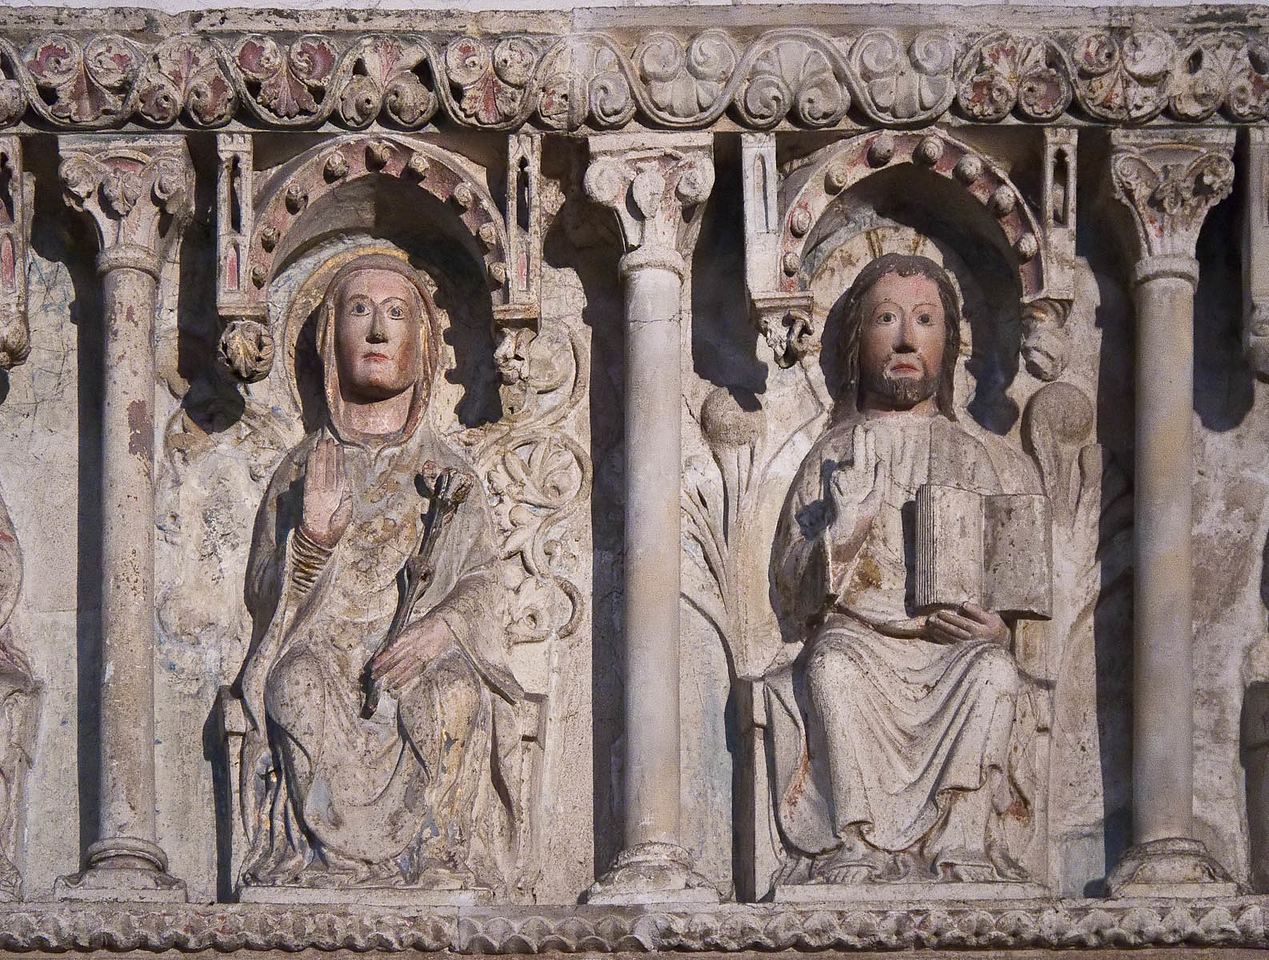 Minden, Dom, Apostelfries vom ehemaligen Lettner, 2. H. 13. Jh., Christus und Maria